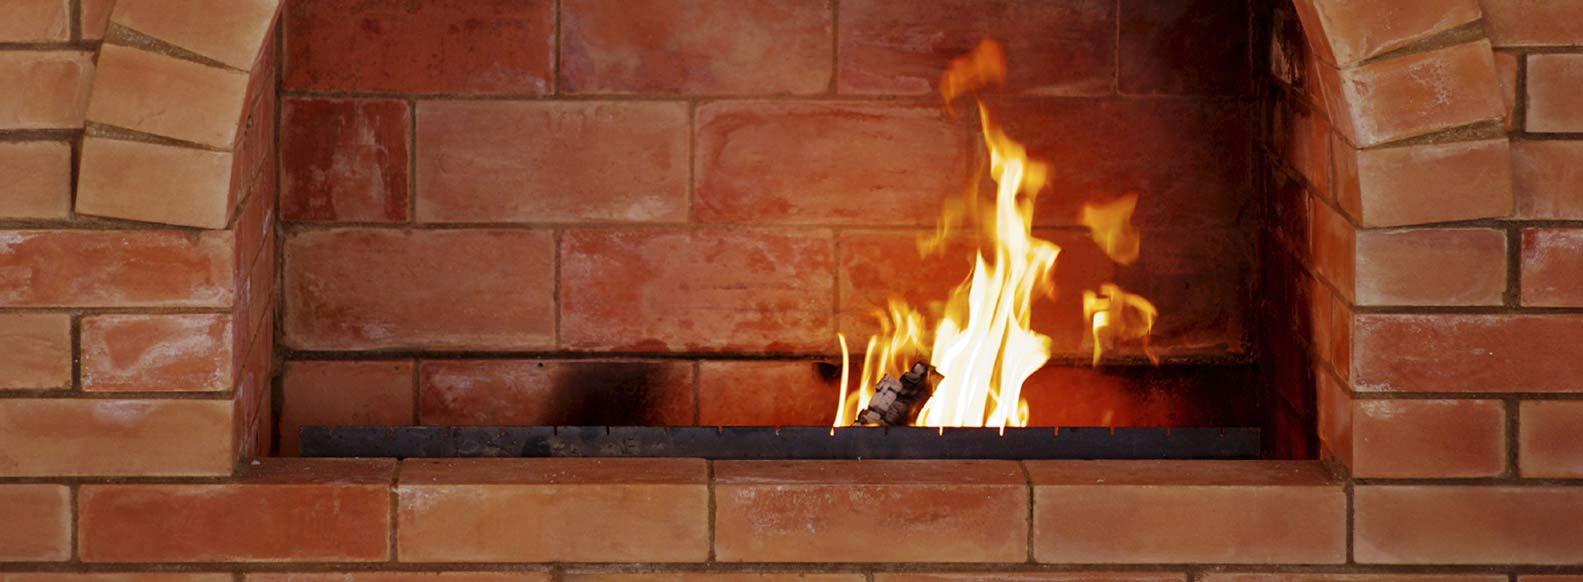 Pre-aged Fire Brick